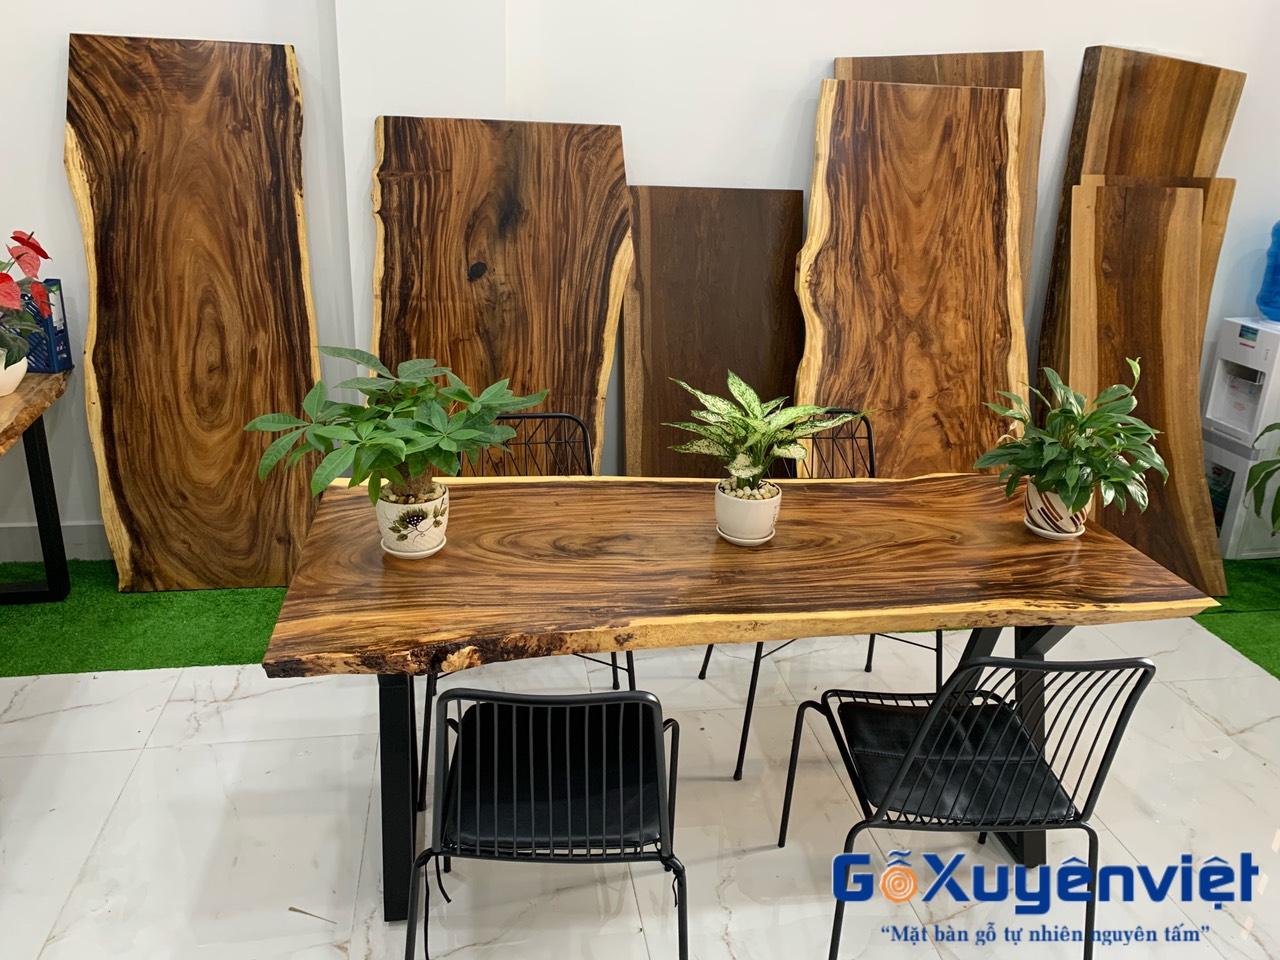 mua bàn gỗ me tây nguyên tấm